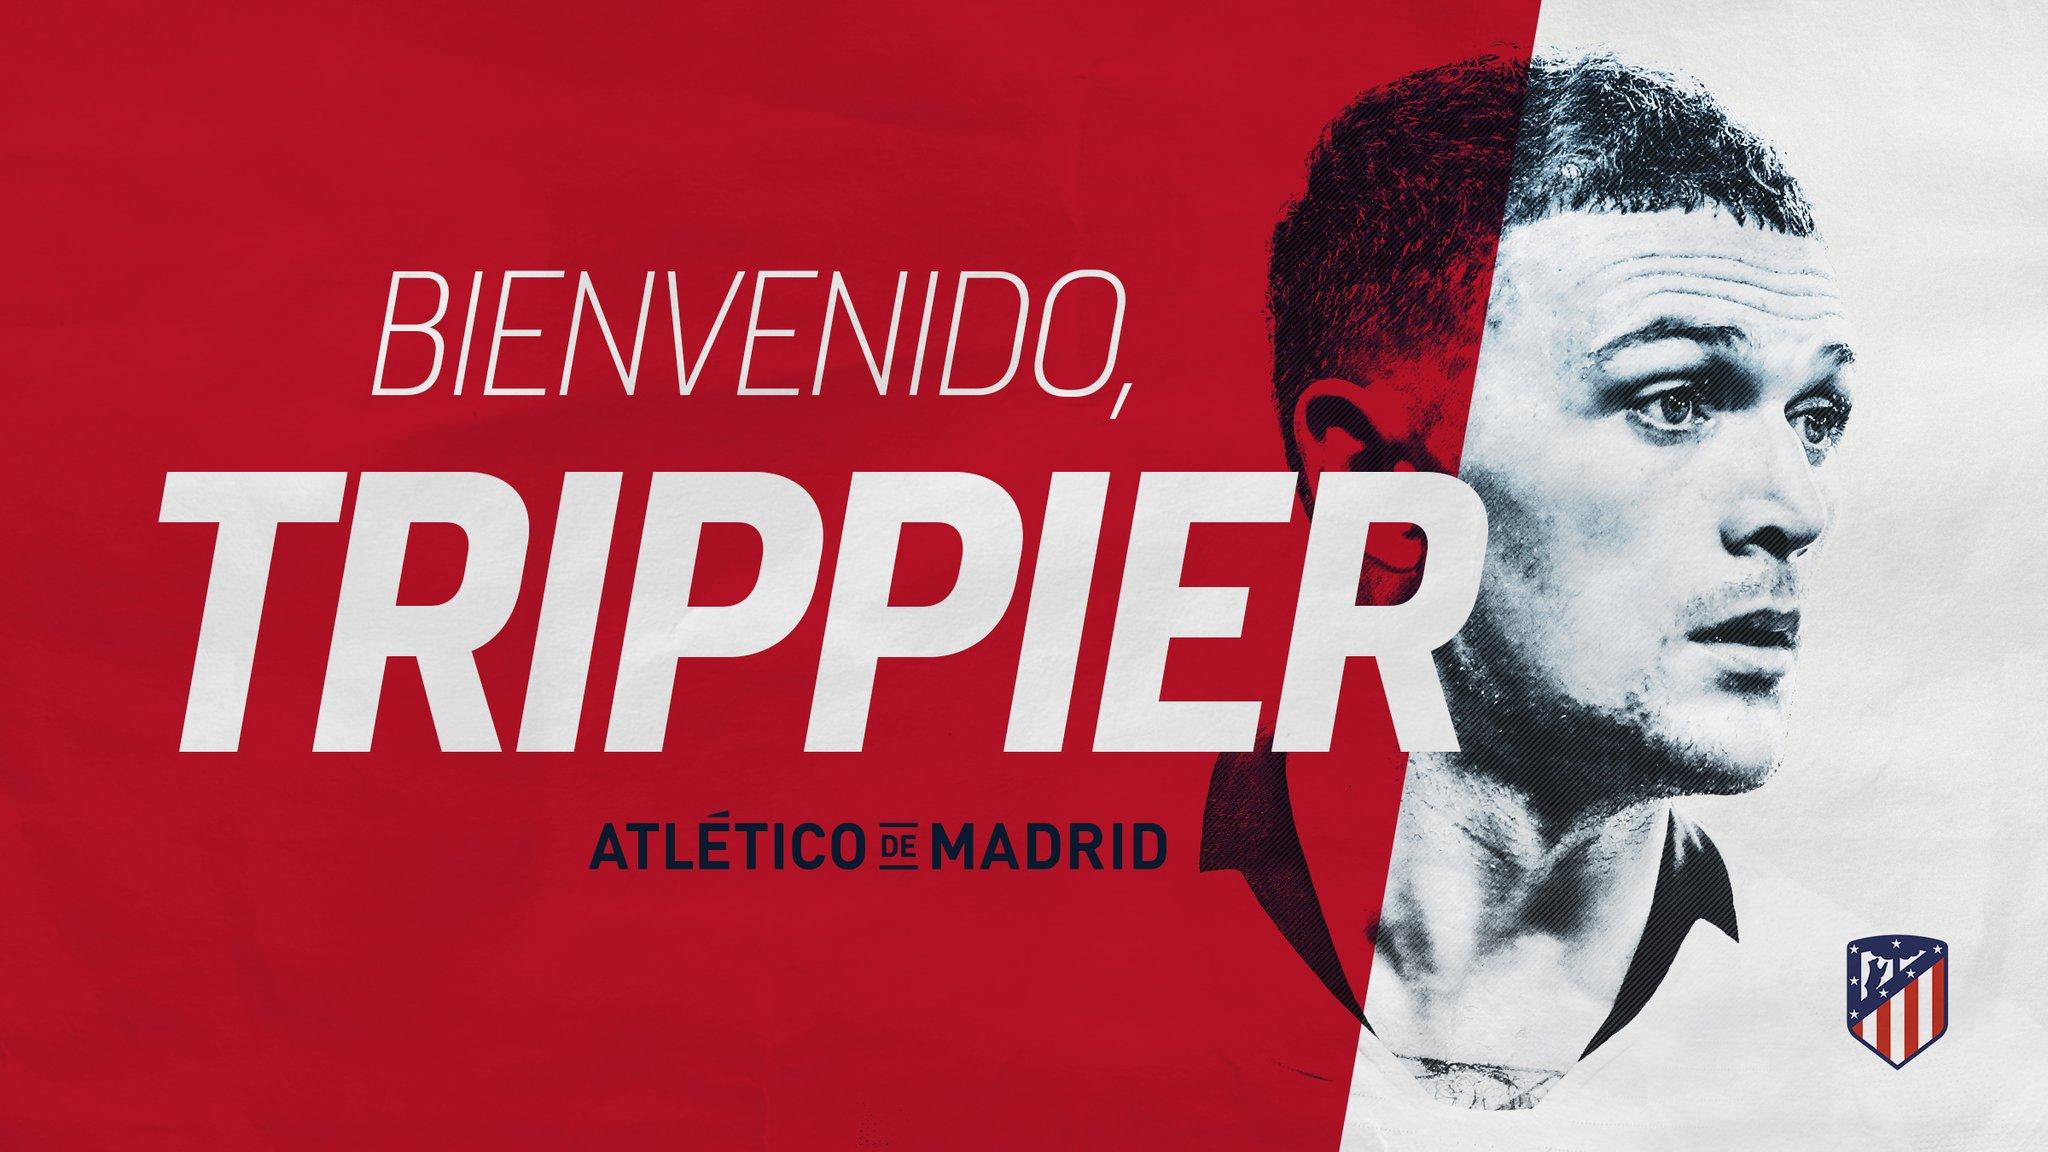 كيران تريبير لاعب اتلتيكو مدريد الجديد